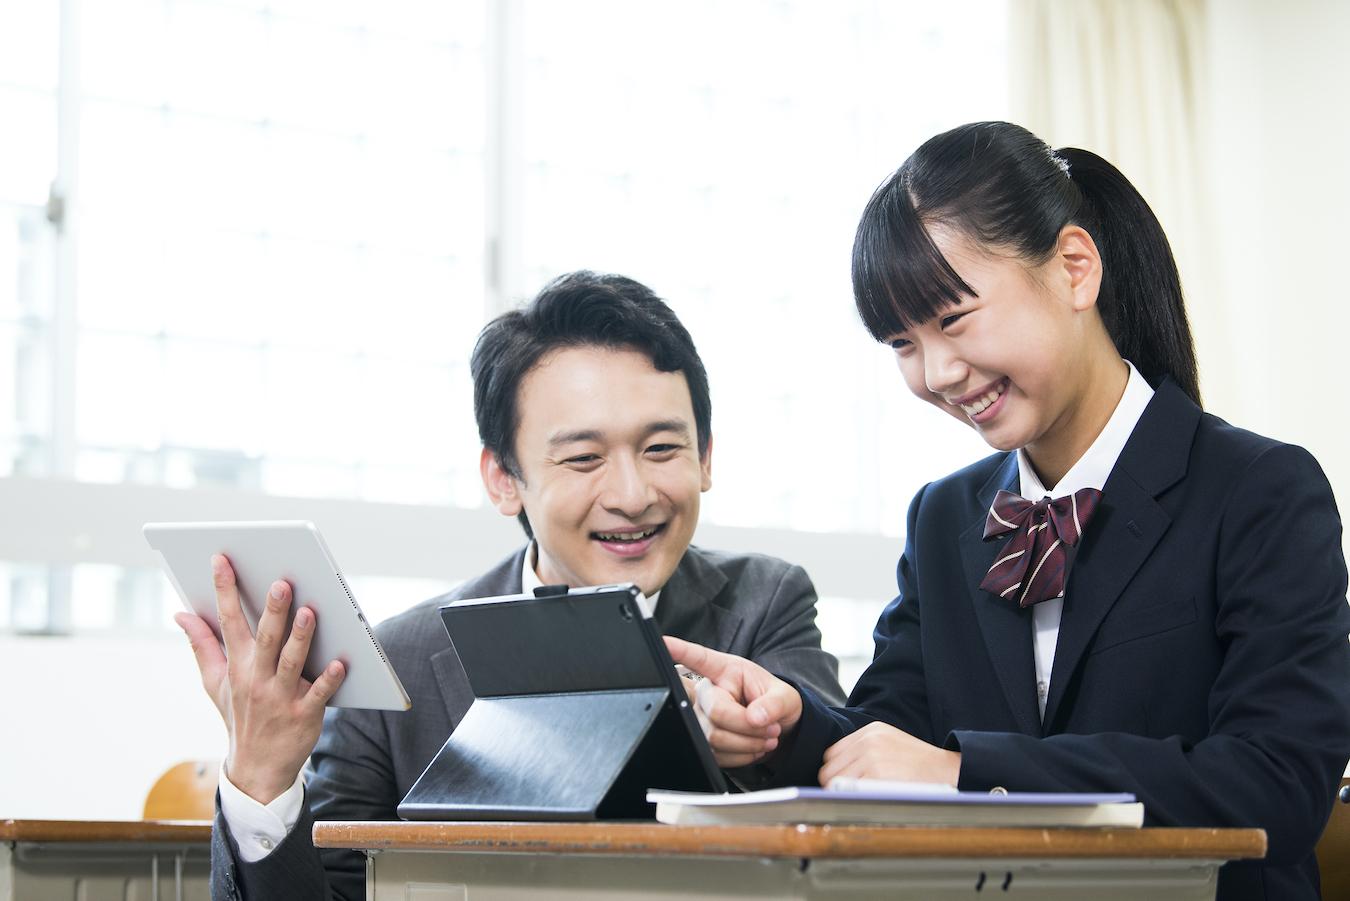 日本国内でも進むSTEAM教育の取り組み